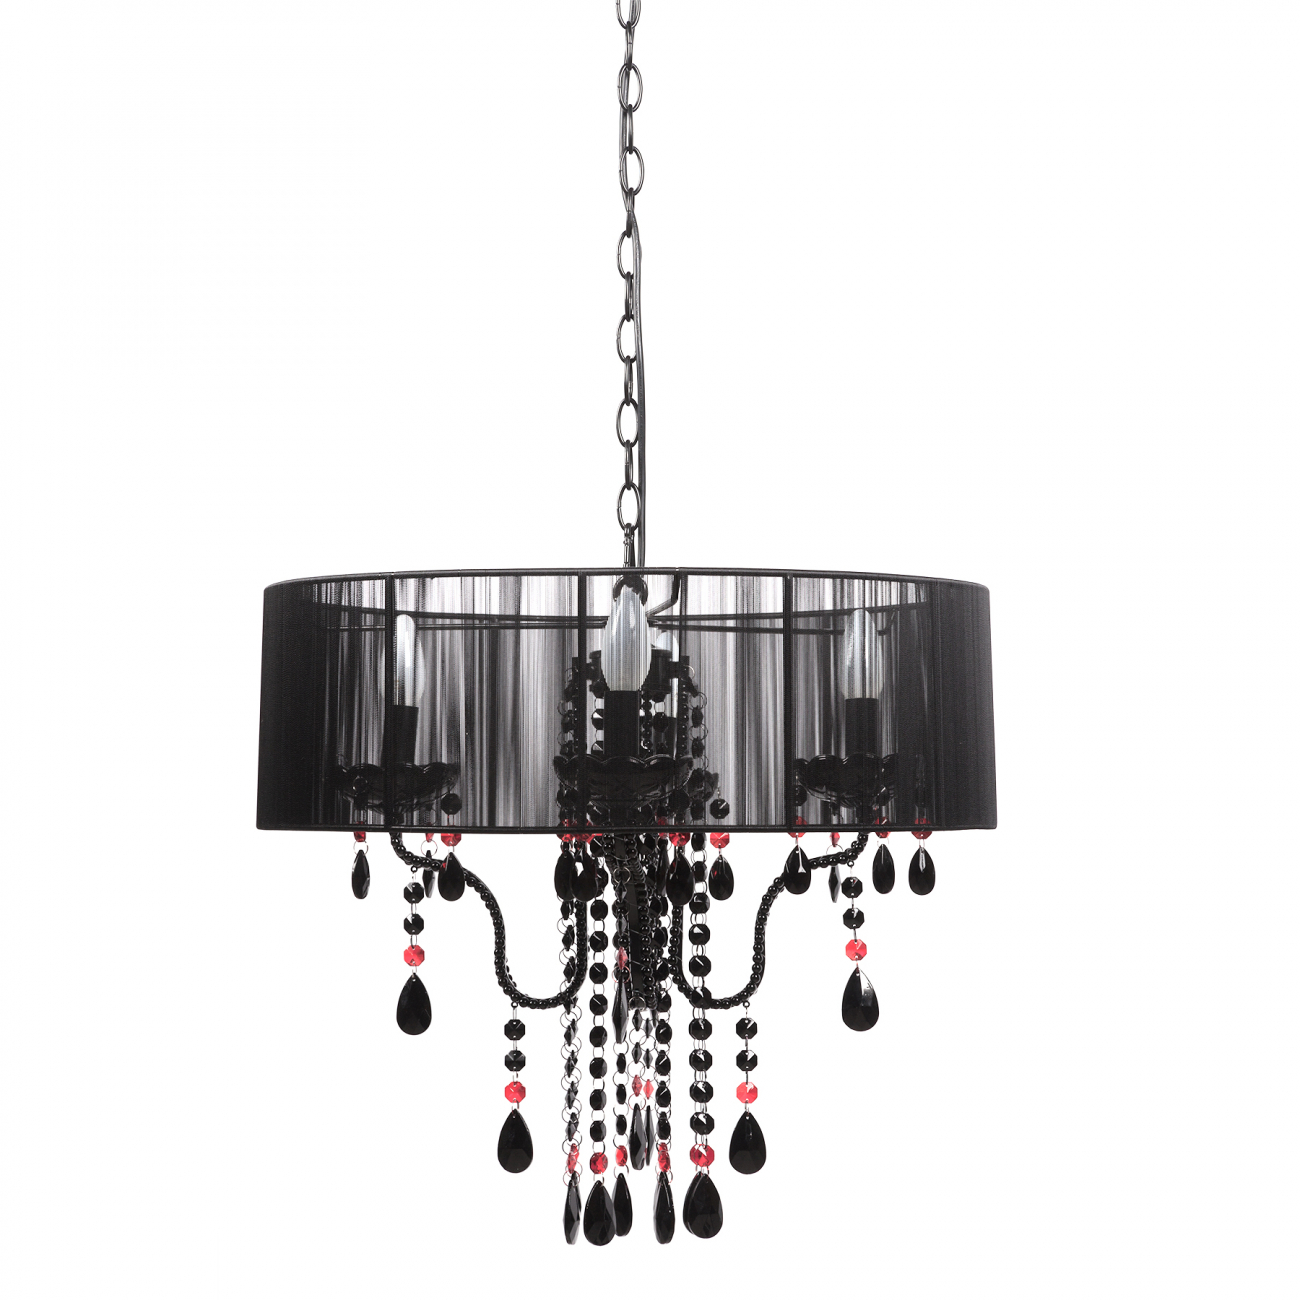 Купить Люстра Favorit в интернет магазине дизайнерской мебели и аксессуаров для дома и дачи